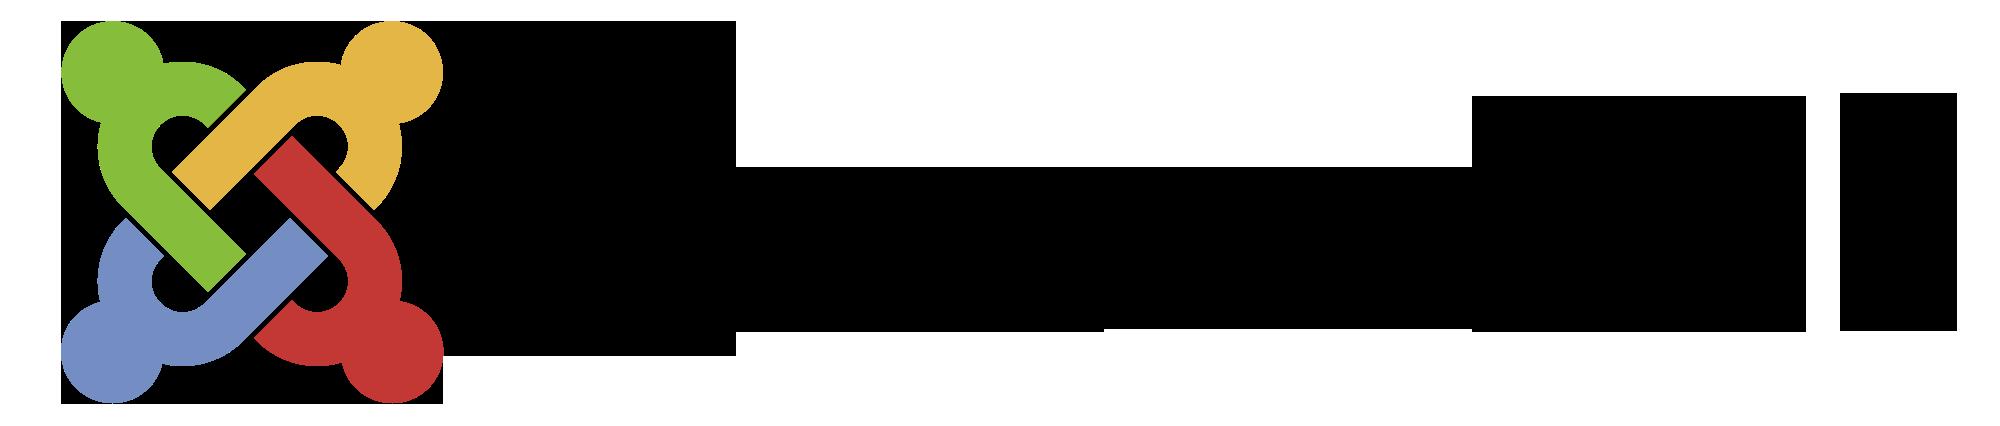 Logo Joomla.